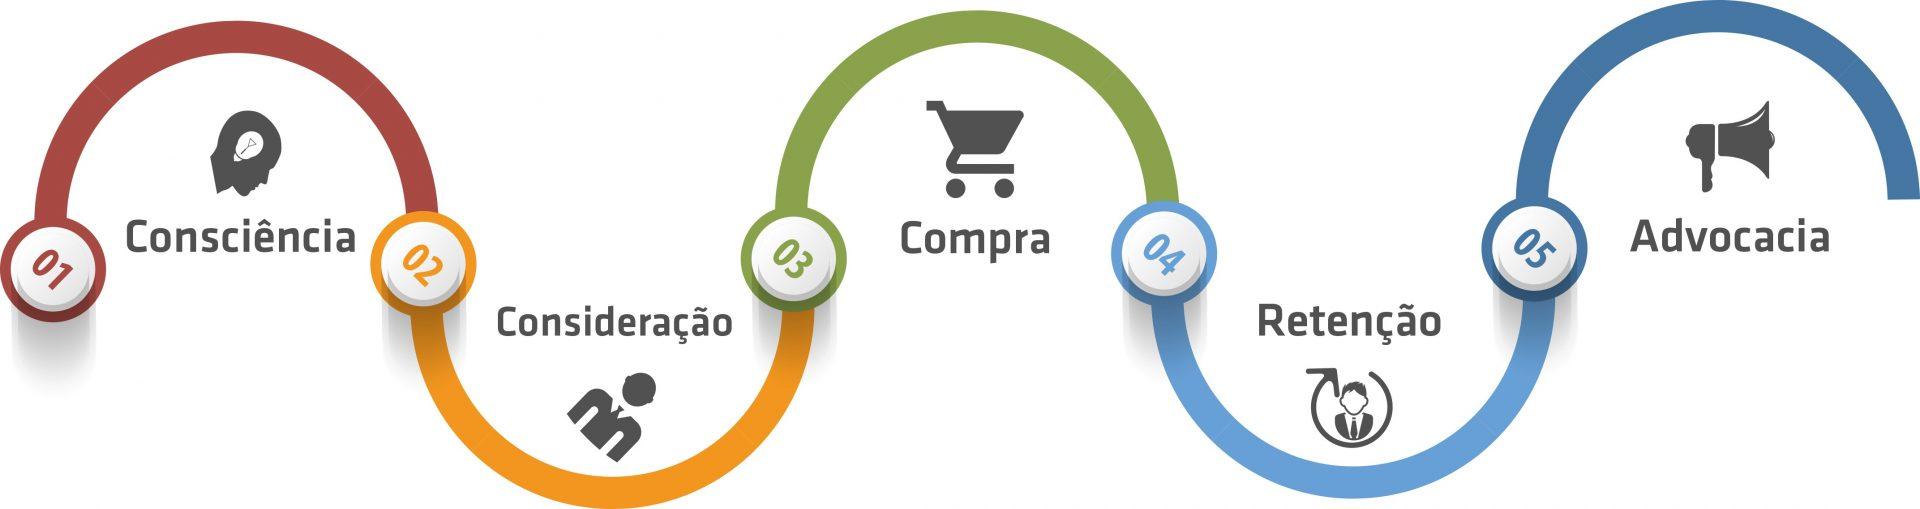 Voc conhece o ciclo de compra do consumidor marketing for C m r bagnolet